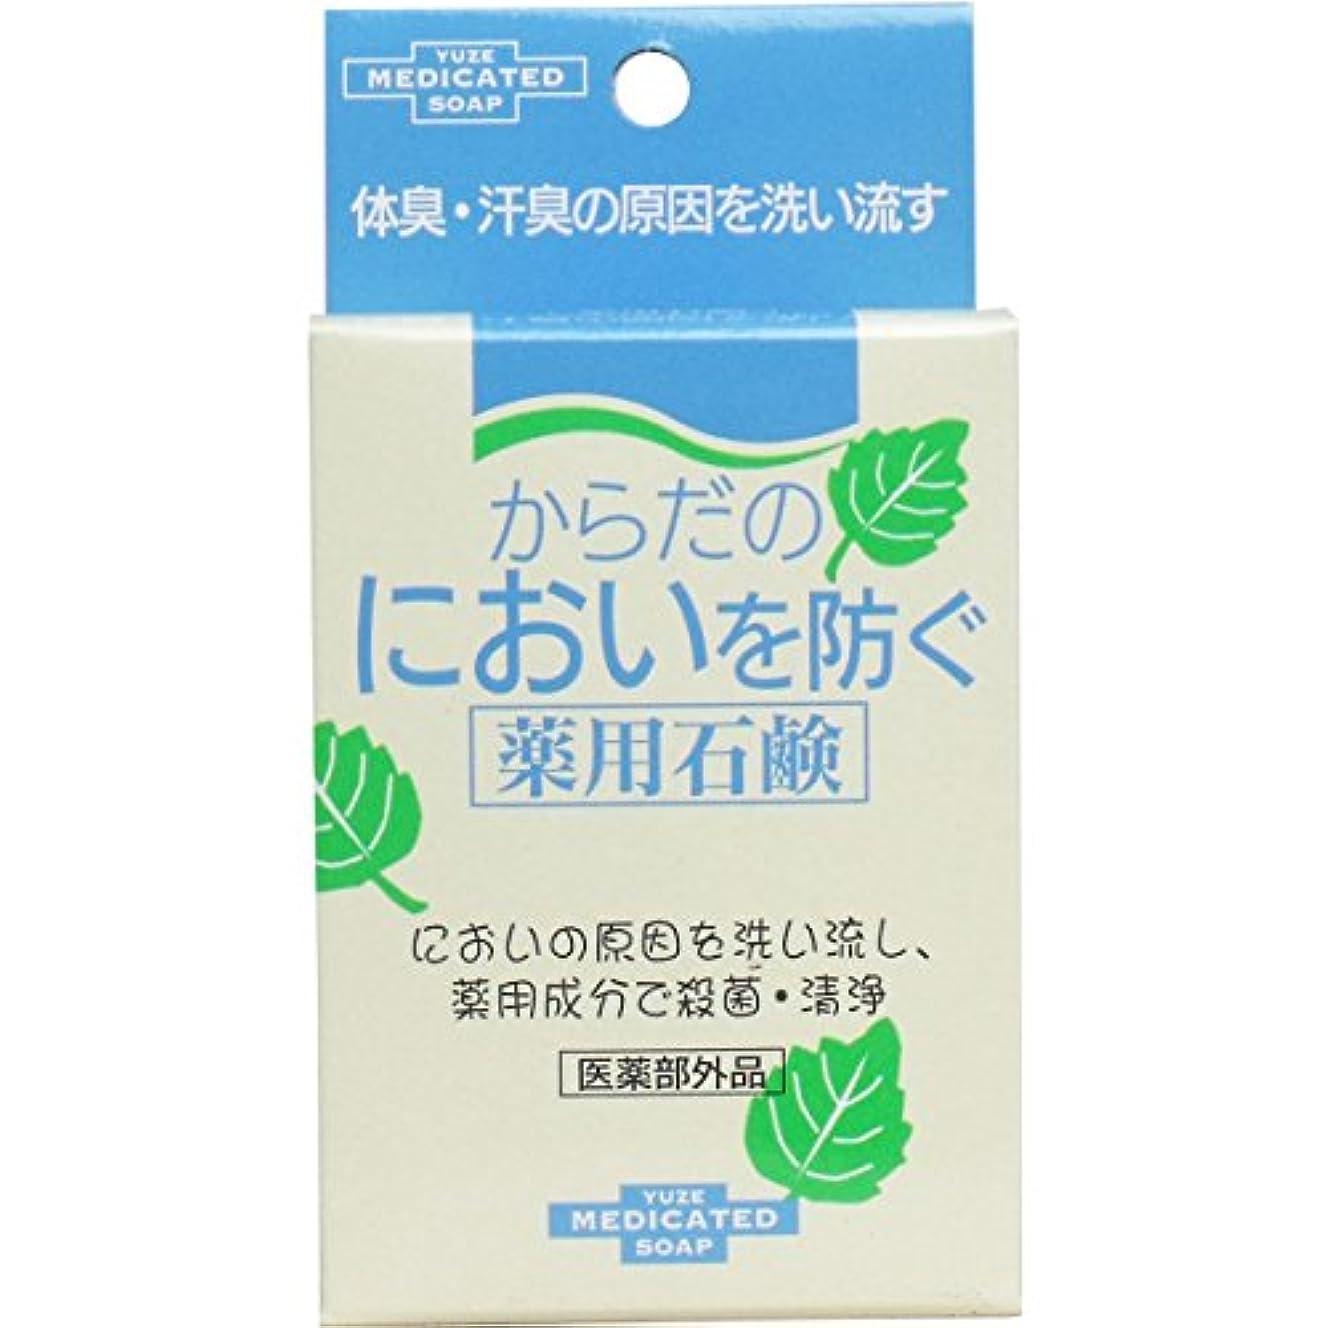 振るう容量の量ユゼ からだのにおいを防ぐ薬用石鹸 7セット